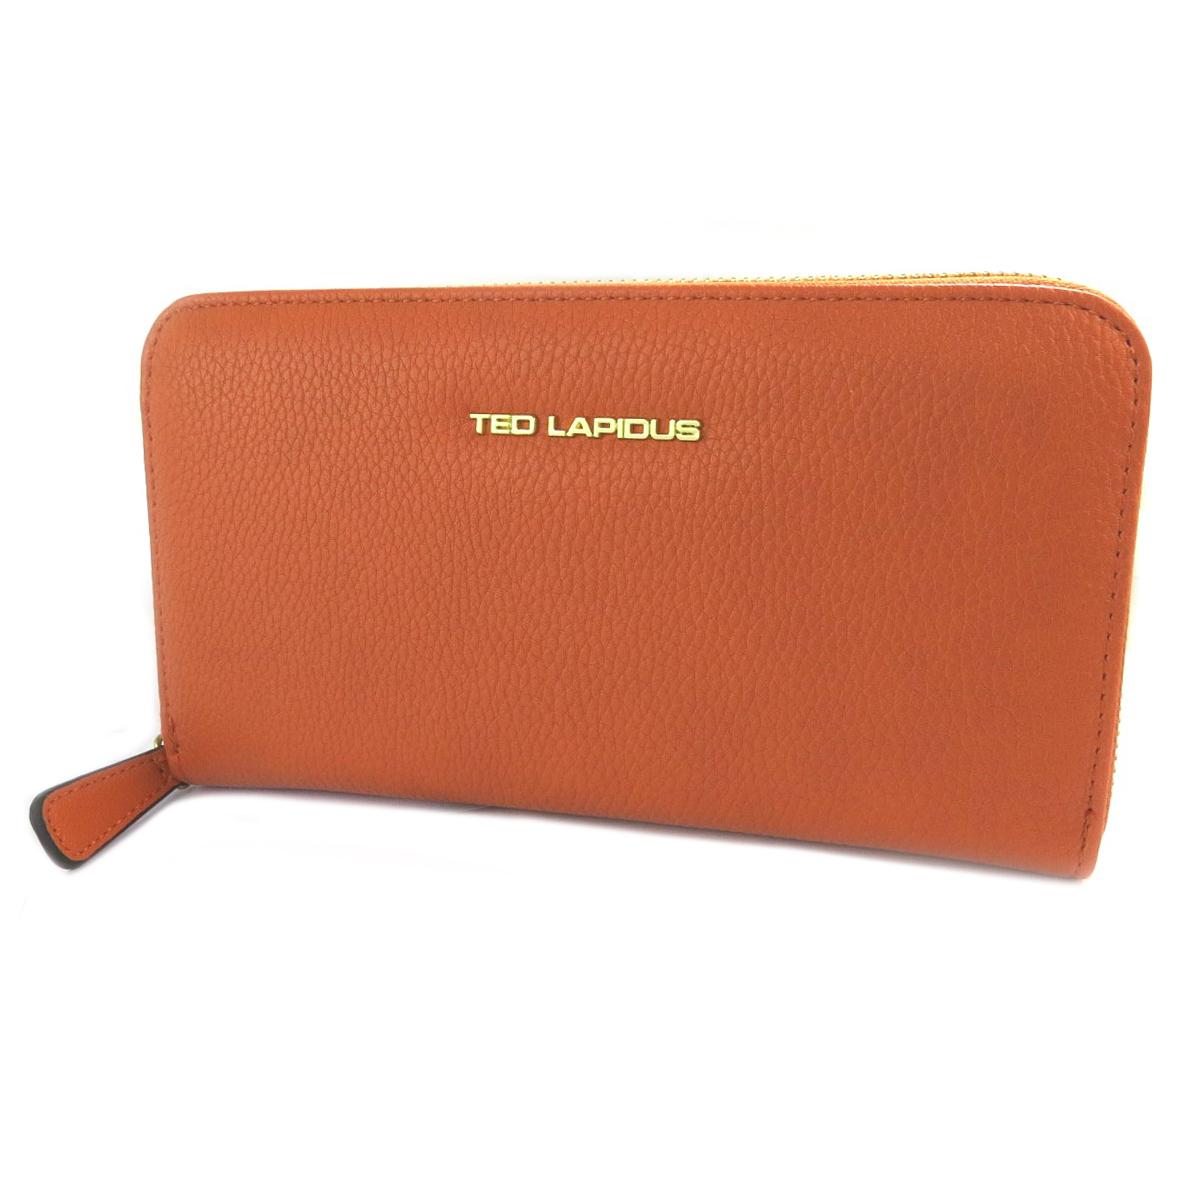 Compagnon zippé \'Ted Lapidus\' orange - 20x11x2 cm - [Q2247]